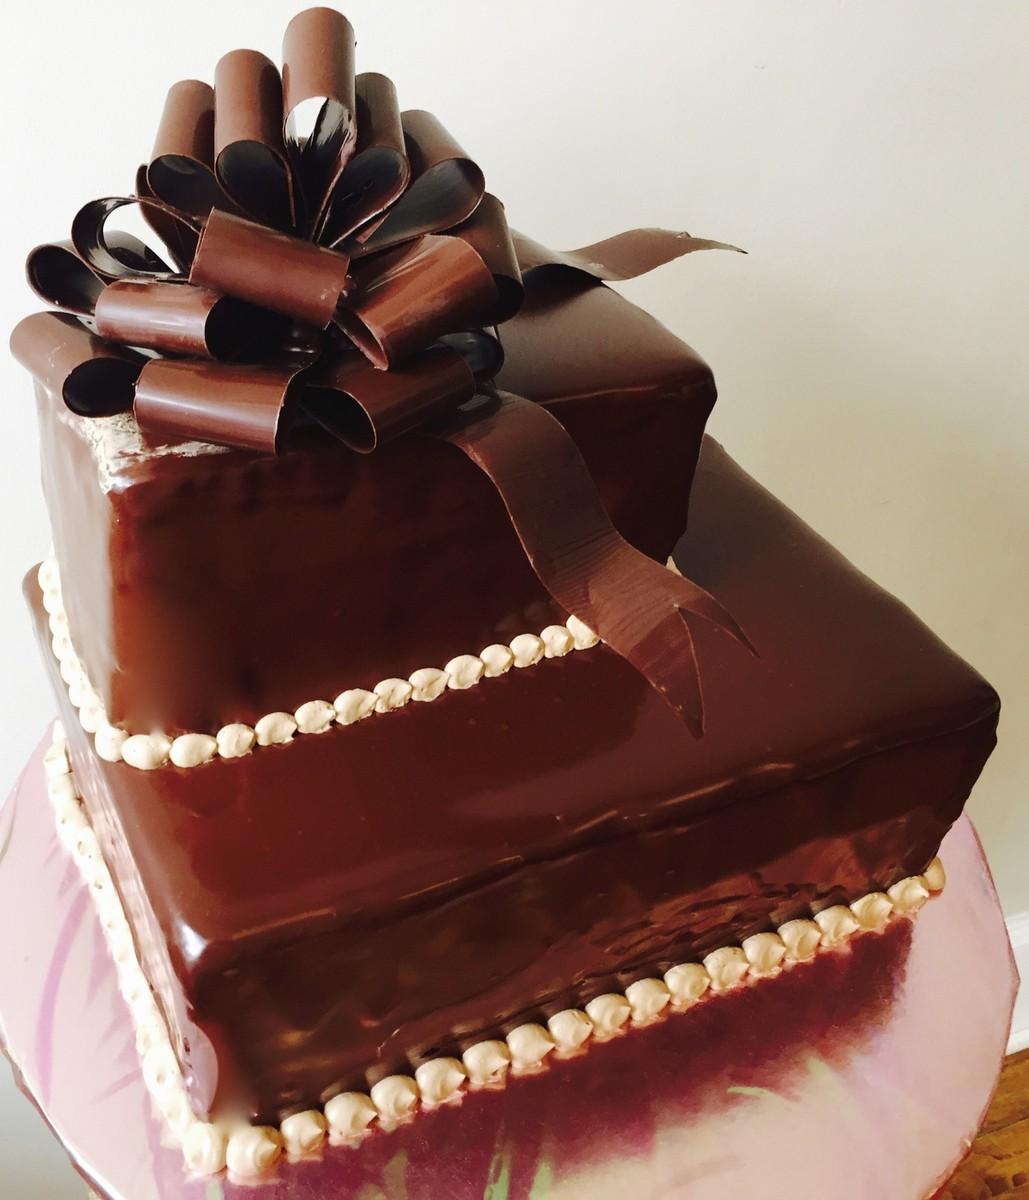 modern wedding cakes for the holiday order wedding cake online nj. Black Bedroom Furniture Sets. Home Design Ideas